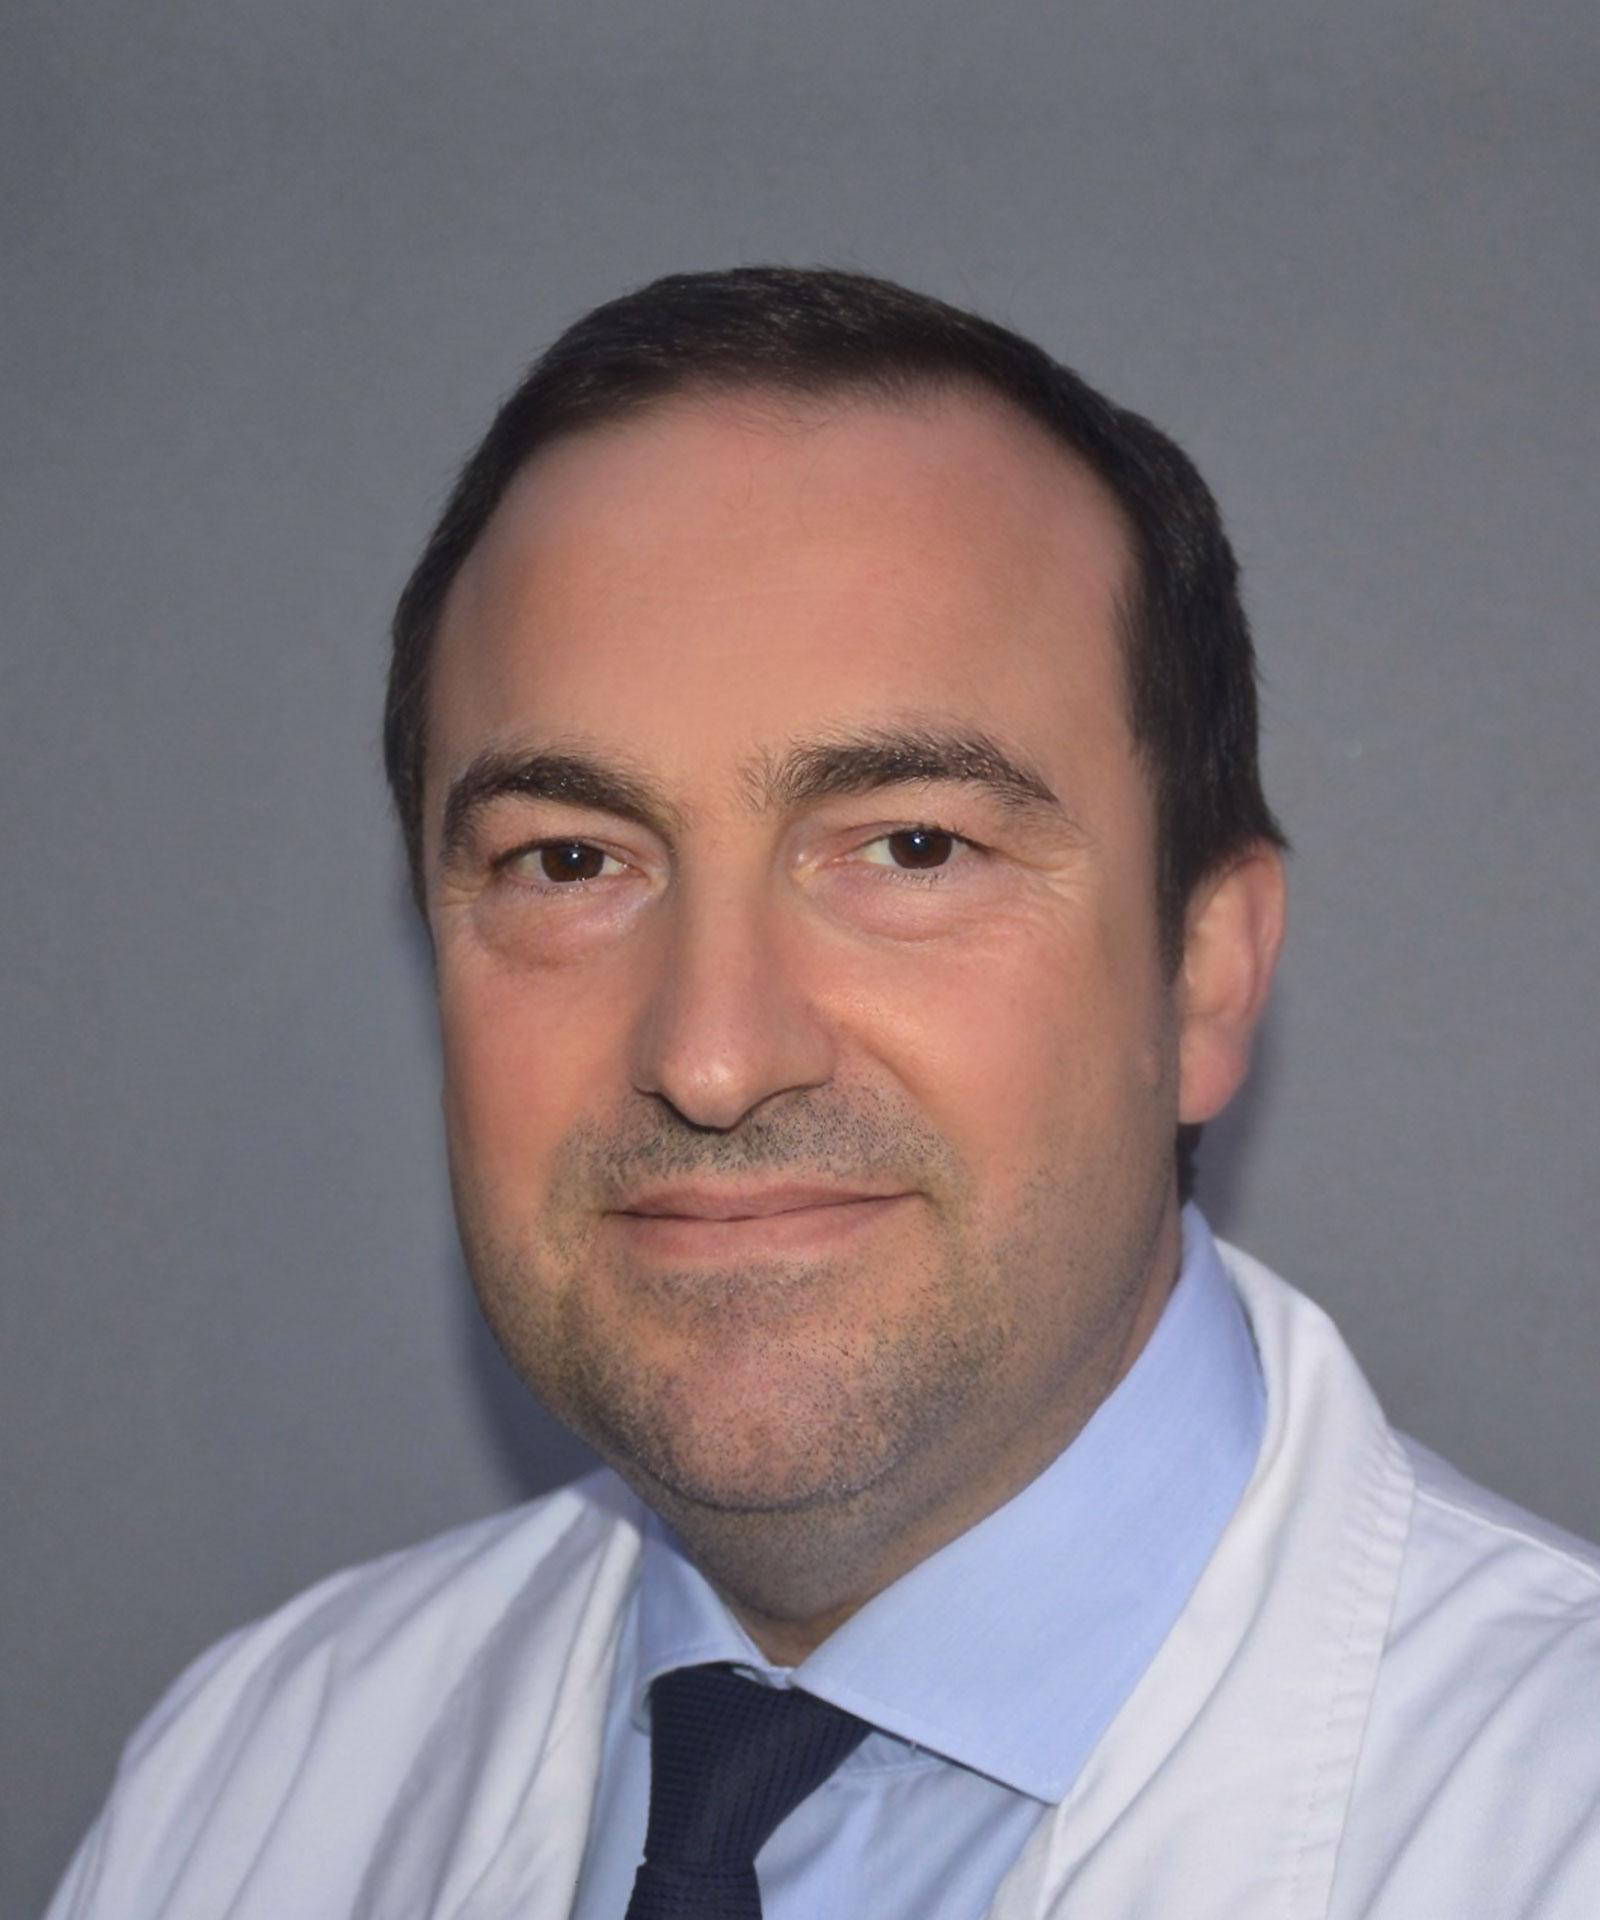 Dr Paz Dias, Médico Cirurgia Vascular, Cirurgia Vascular, Sobre